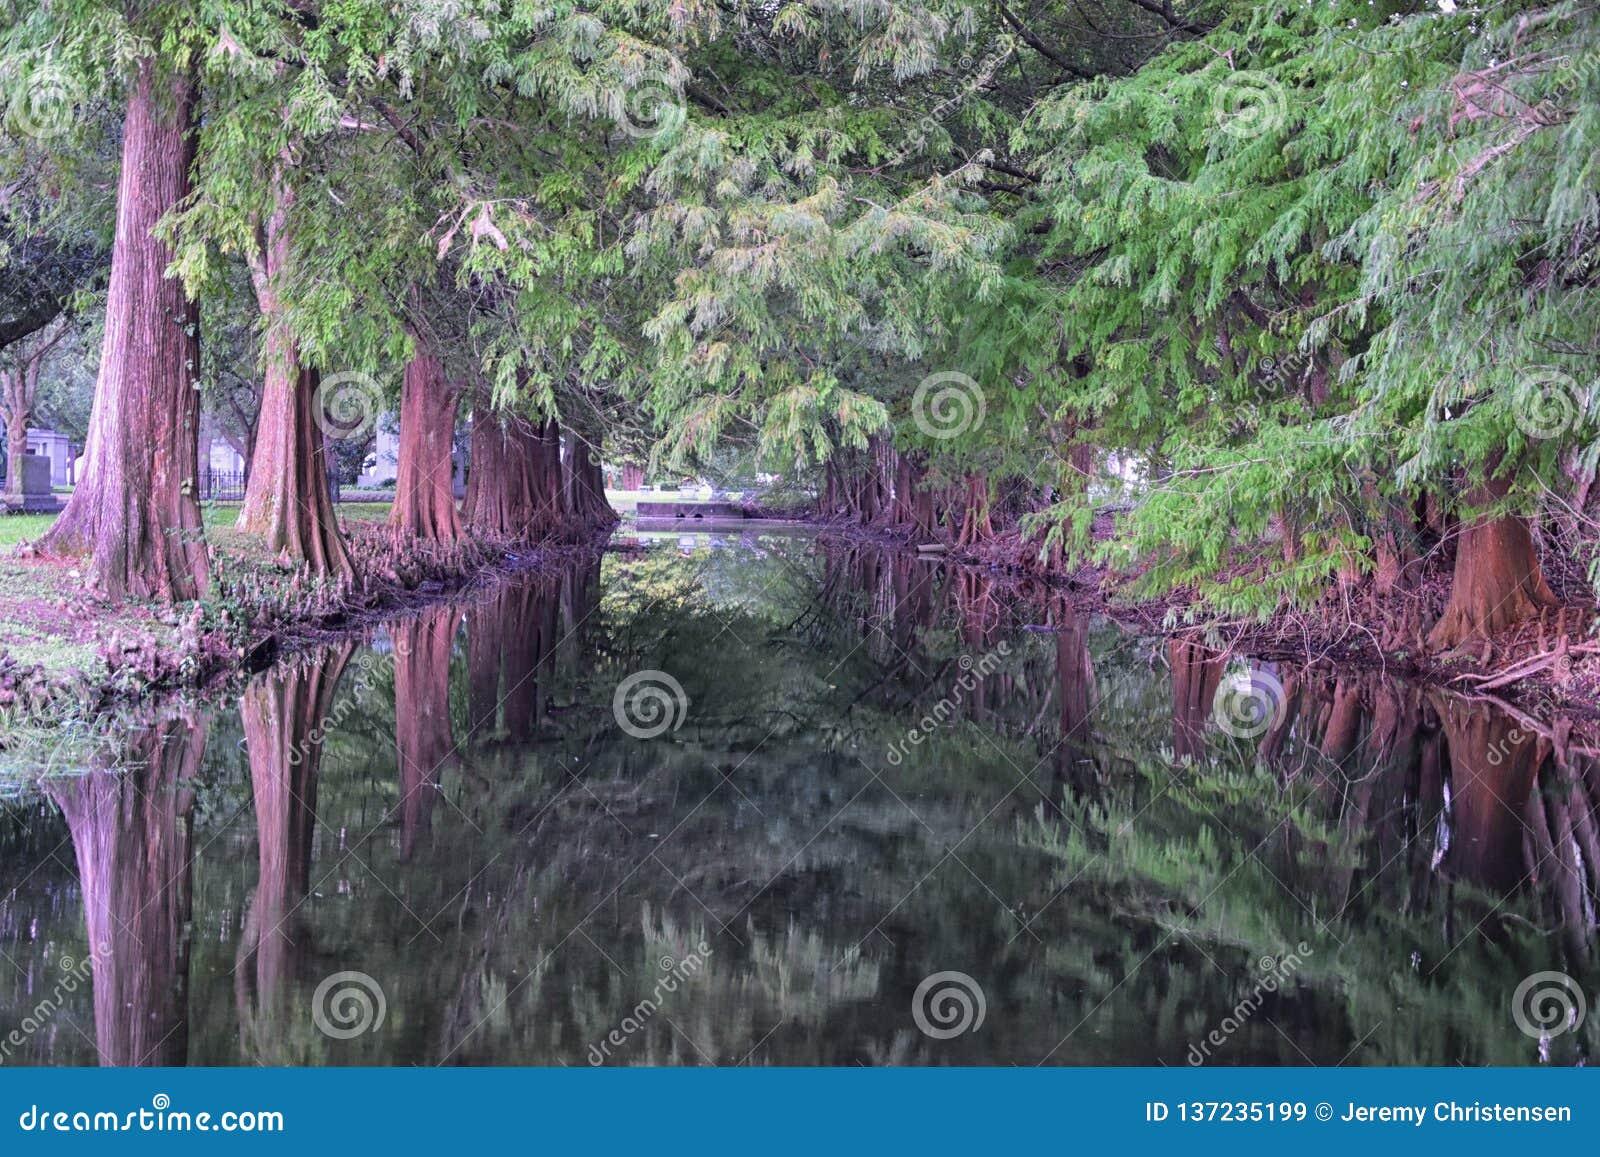 Sikter av träd och unika naturaspekter som omger New Orleans, inklusive reflekterande tips i kyrkogårdar och trädgårdområdet